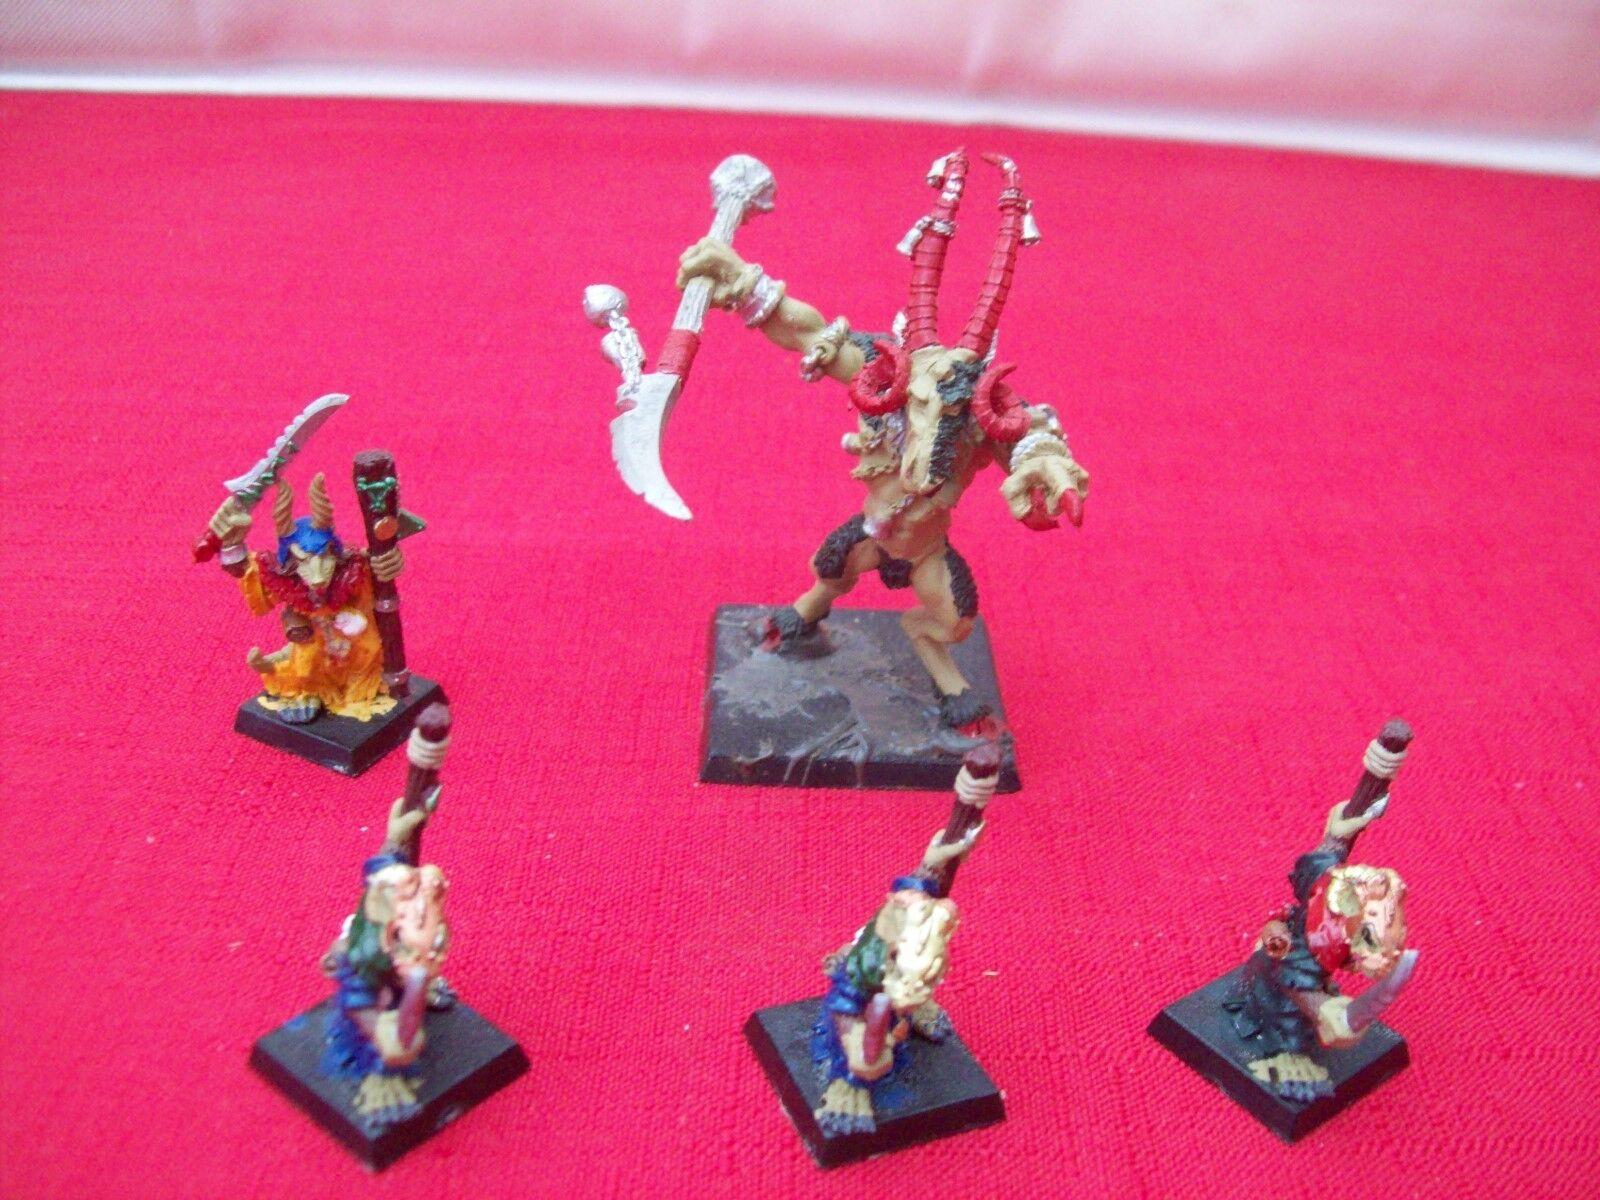 Warhammer Fantasy SKAVEN ARMY-Métal-bien ARMY-Métal-bien ARMY-Métal-bien peint 40e53f